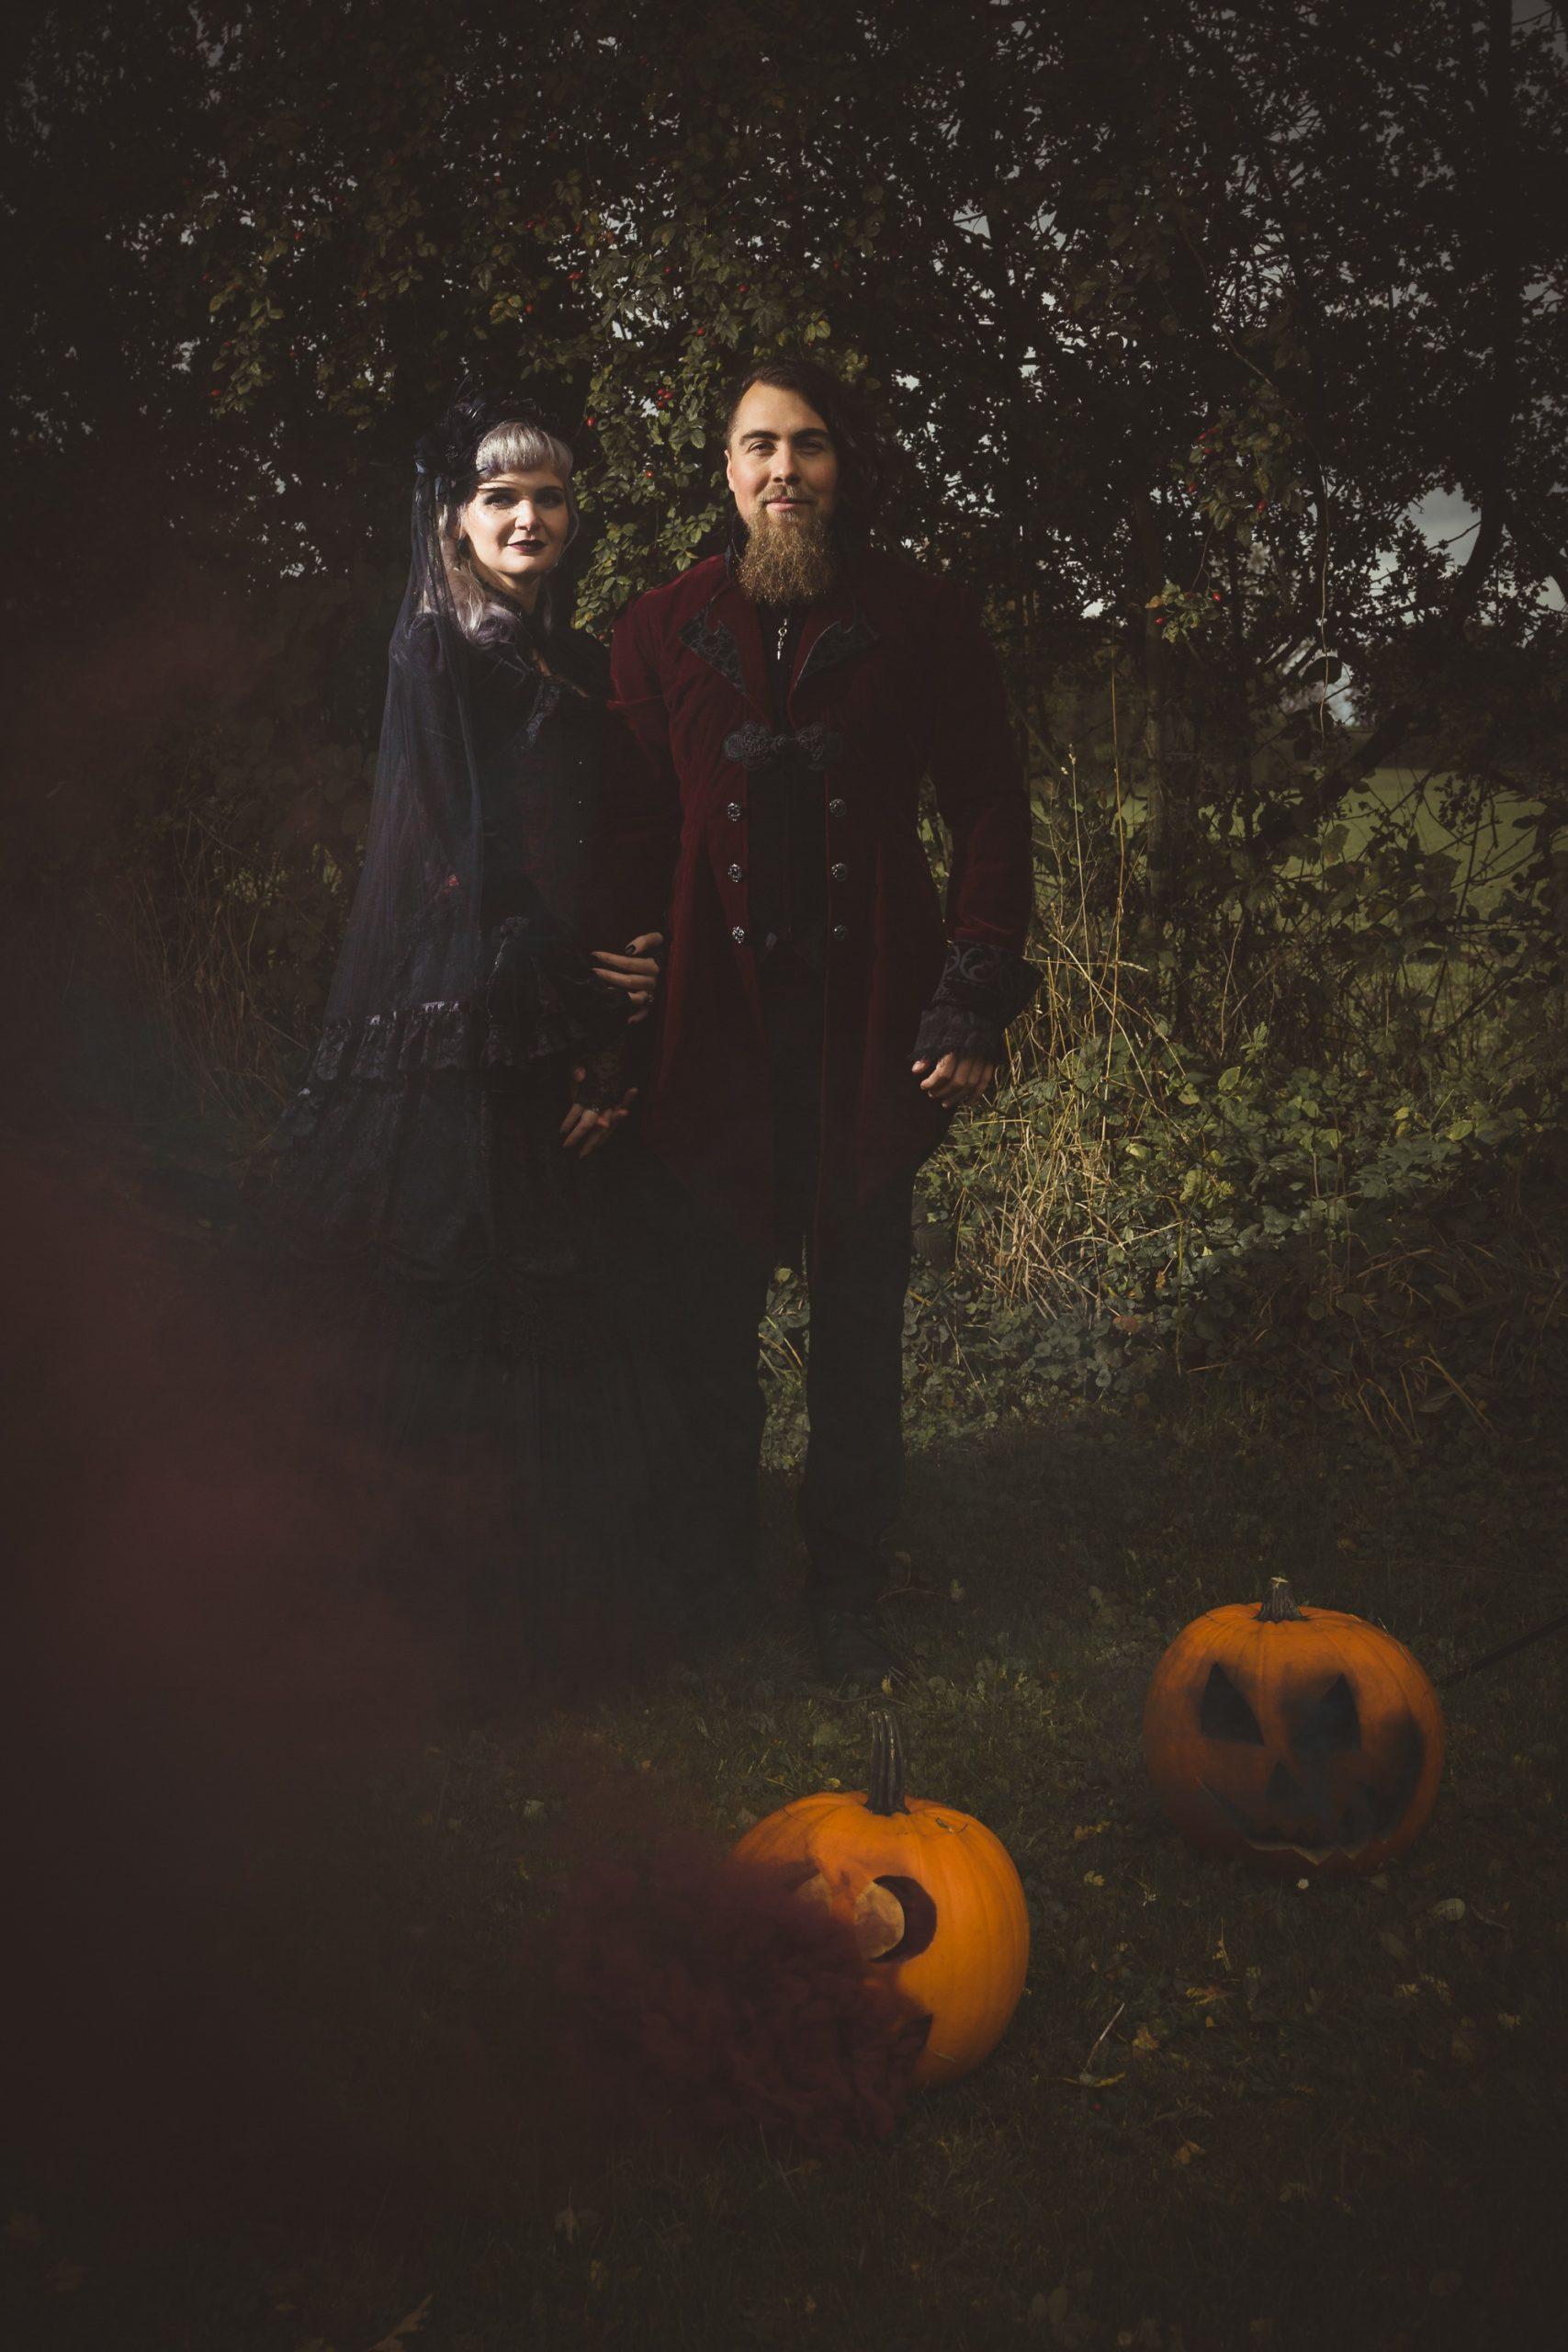 Halloween-Hochzeitspaar in schwarzer Kleidung